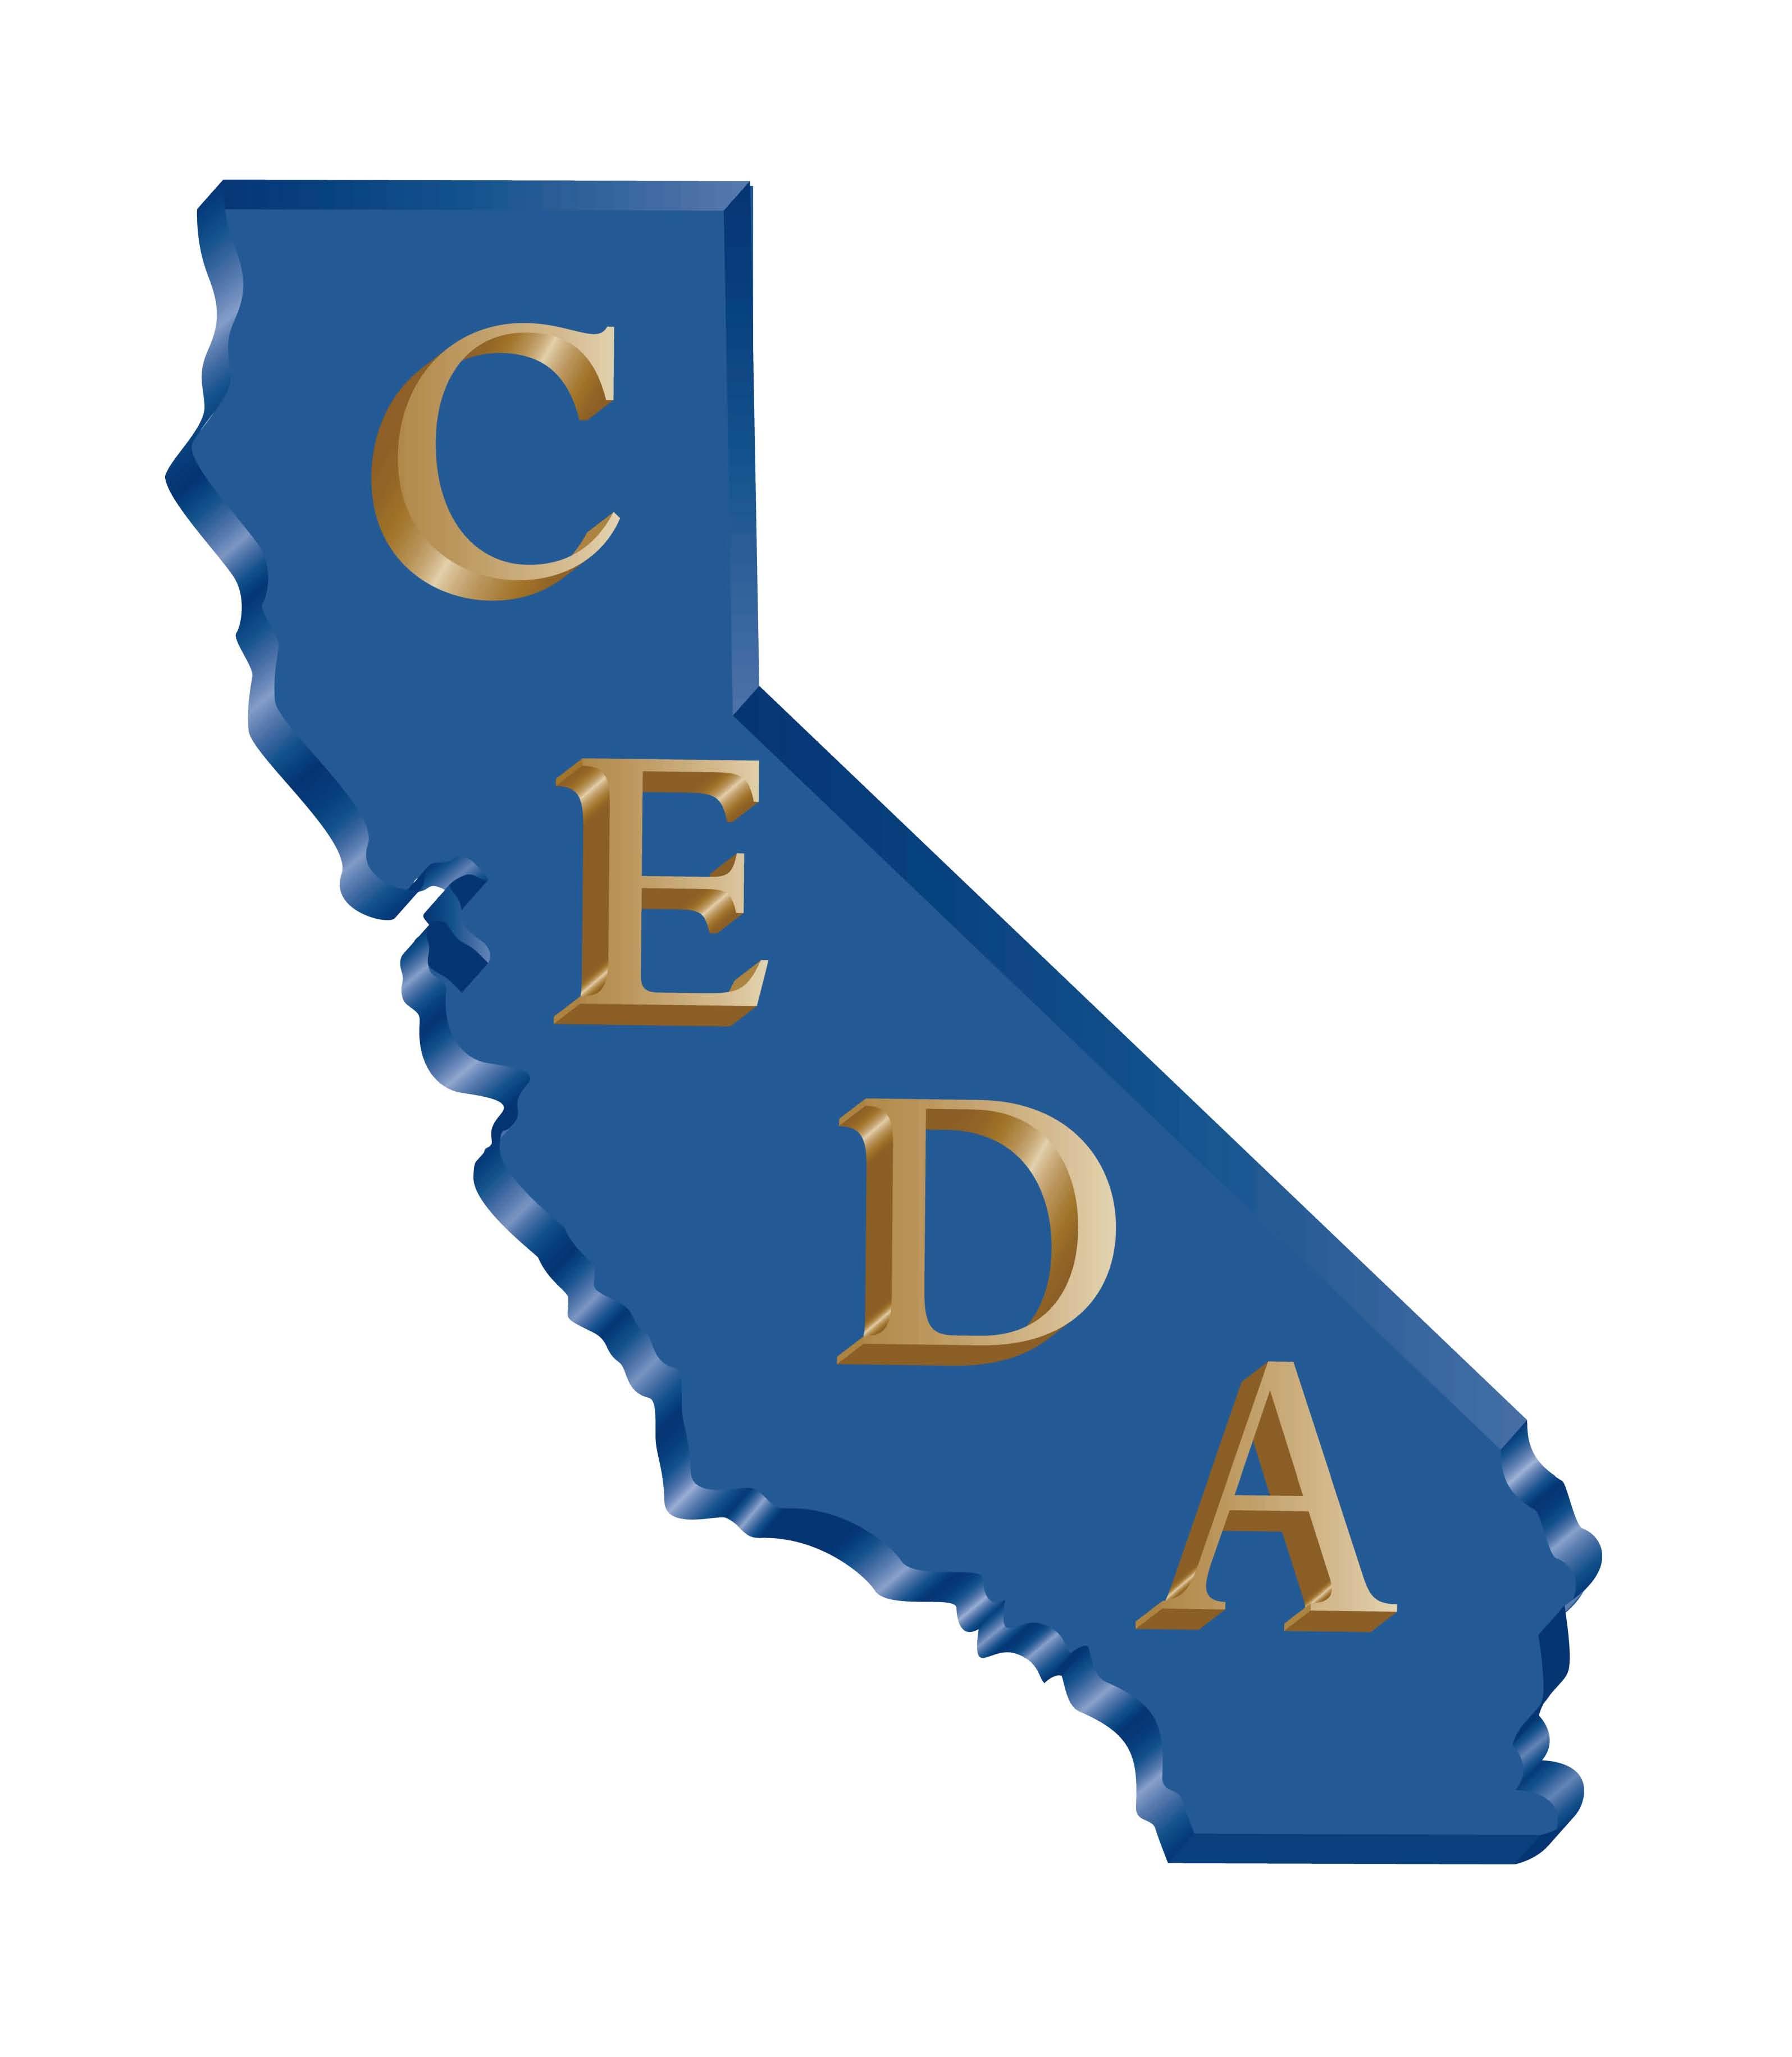 CEDA logo extra